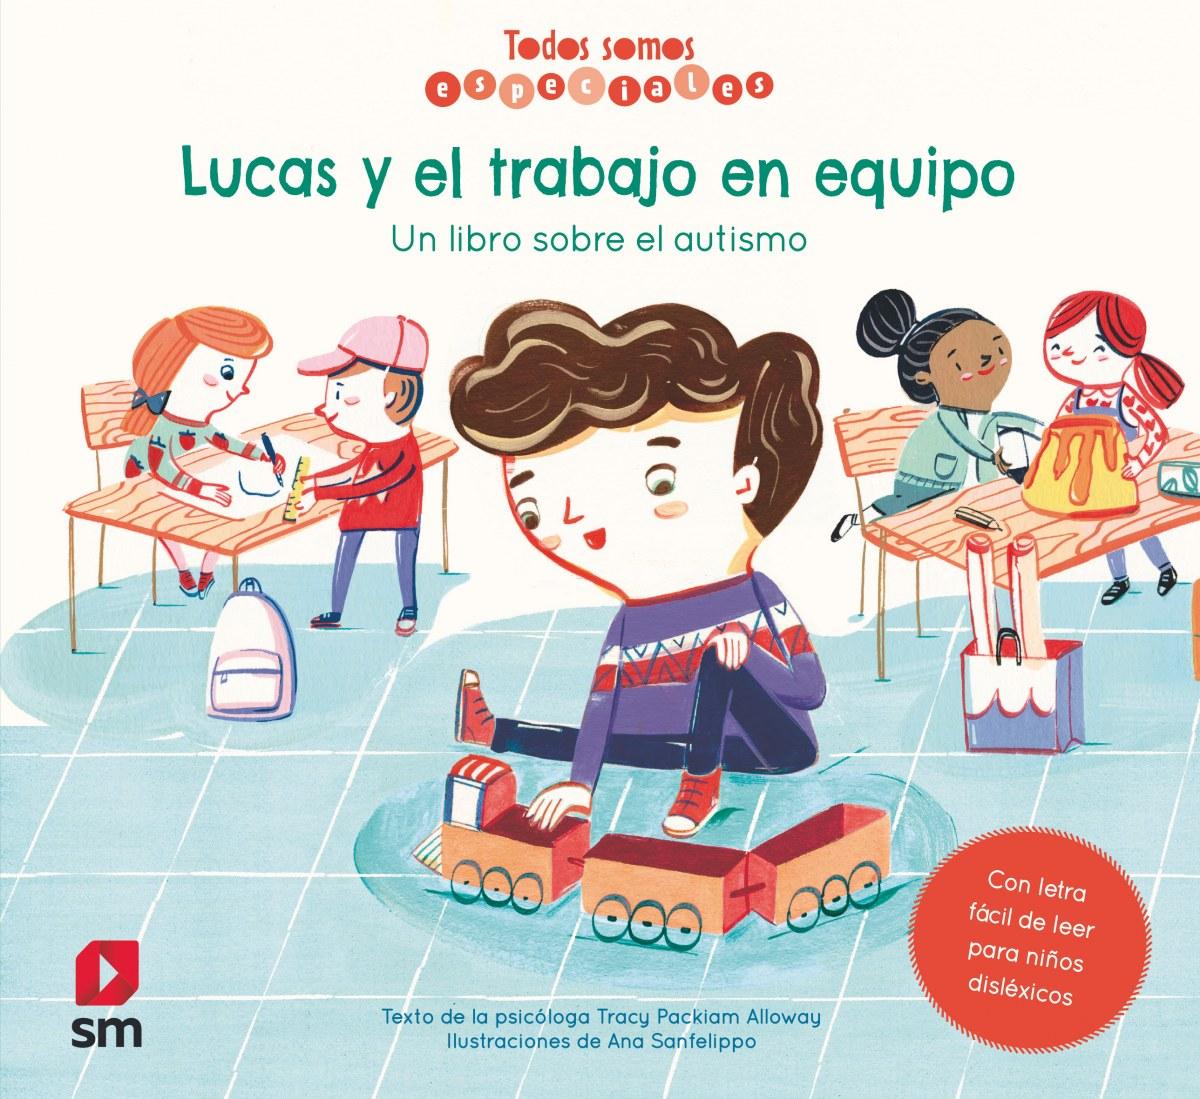 Lucas y el trabajo en equipo. Un libro sobre el autismo